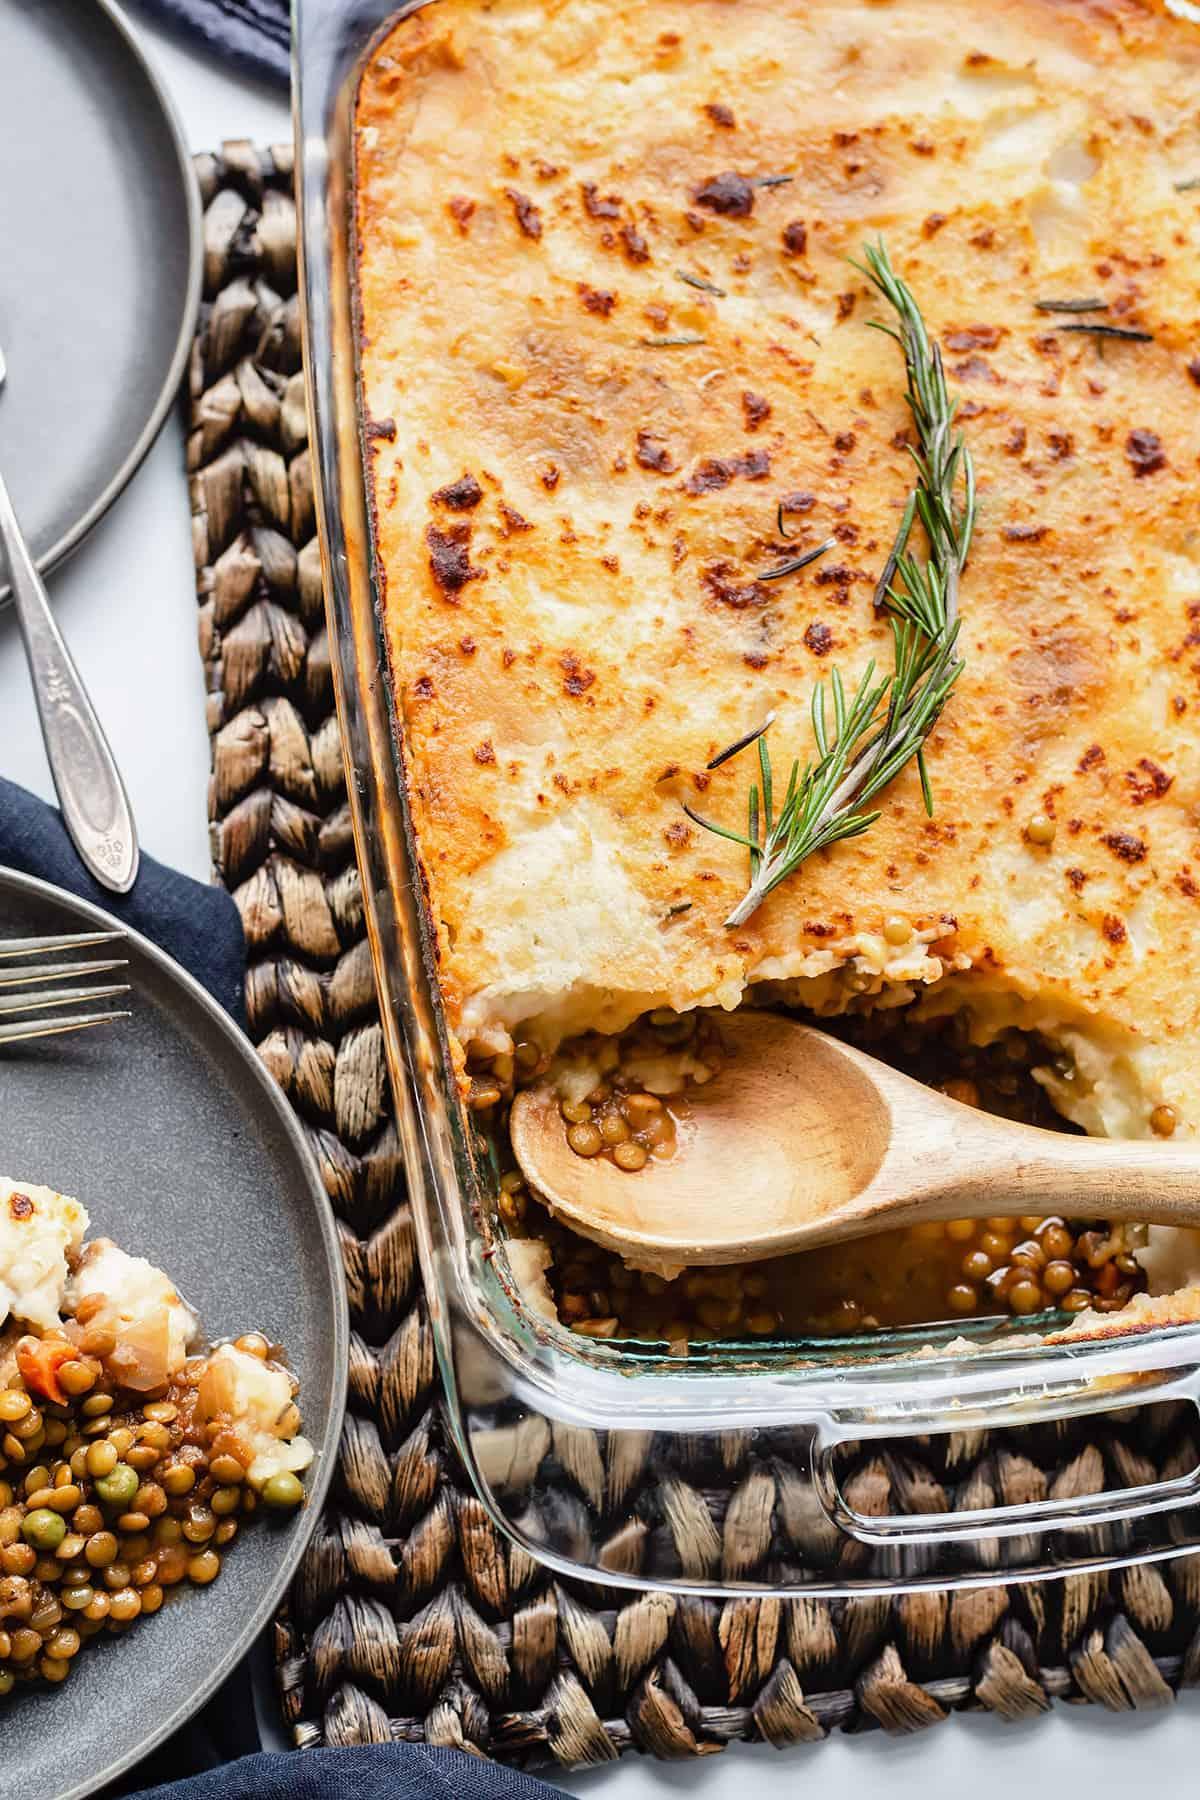 vegan shepherd's pie in a casserole dish